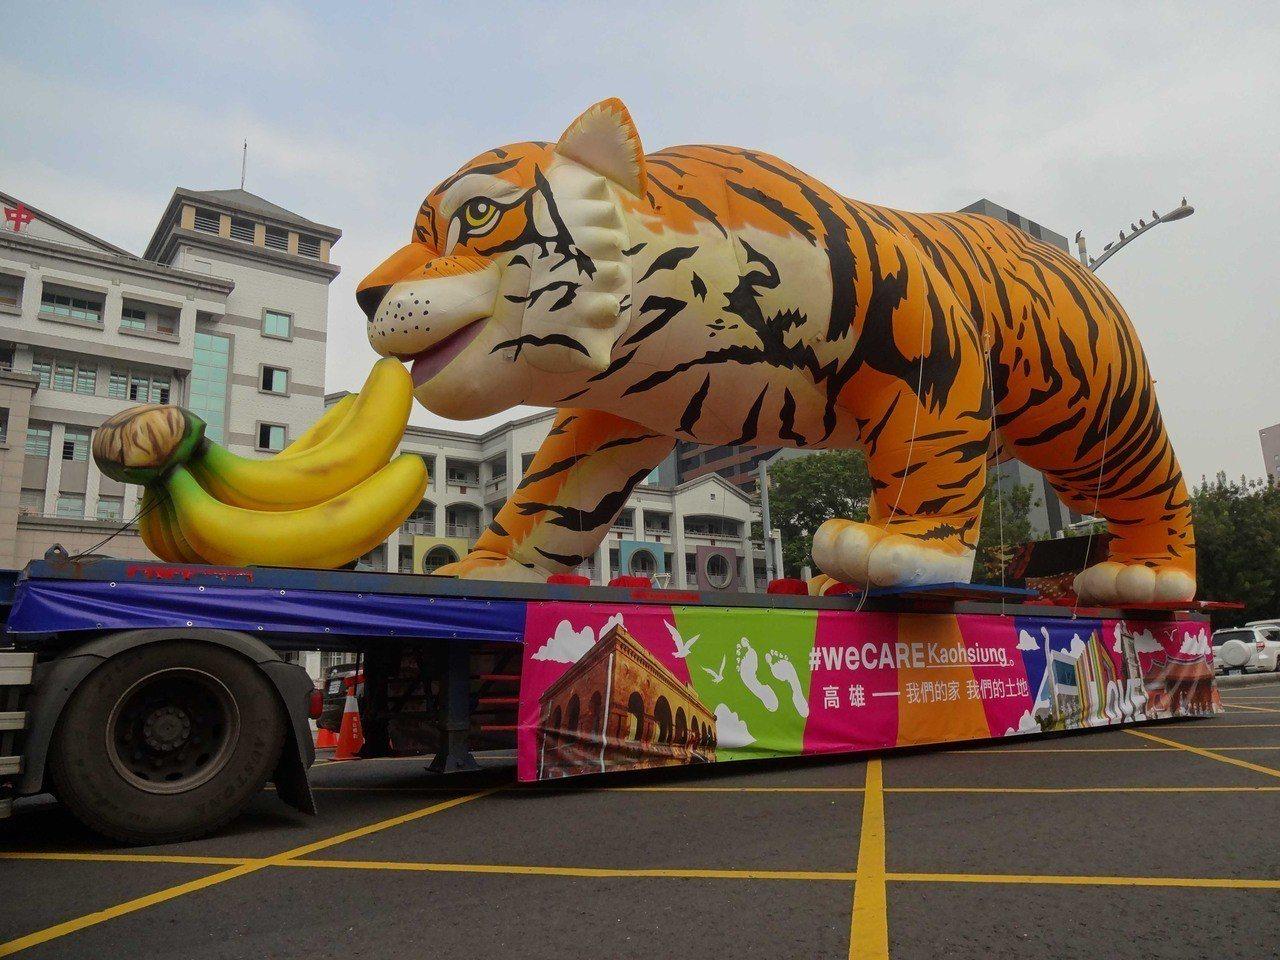 「#weCARE高雄大氣球遊行」17日下午在高雄市文化中心前登場,主辦單位事前為...